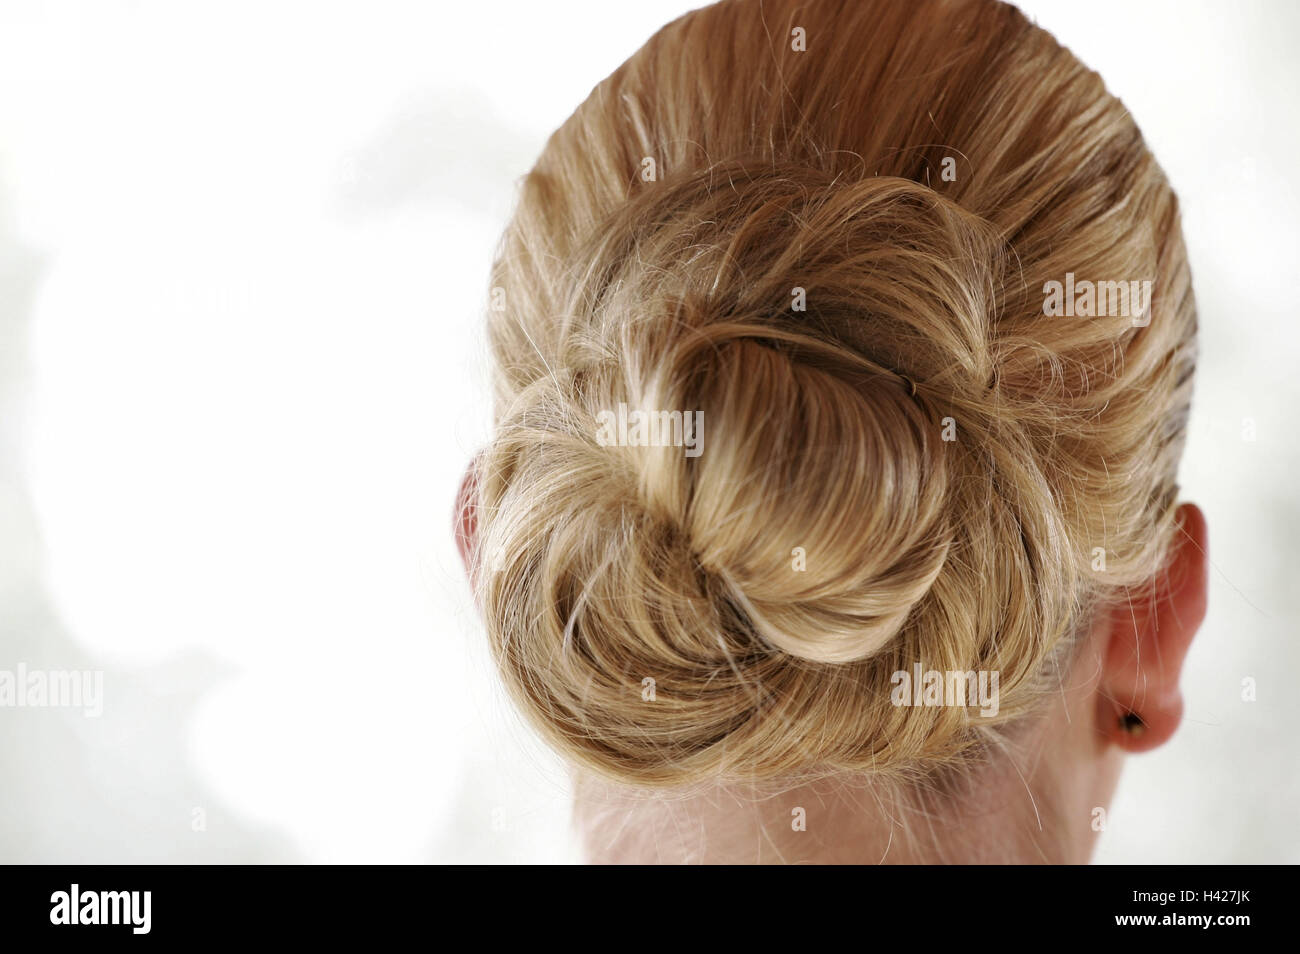 Femme Blonde Cheveux Coiffure Noeuds Vue De Derriere La Tete Des